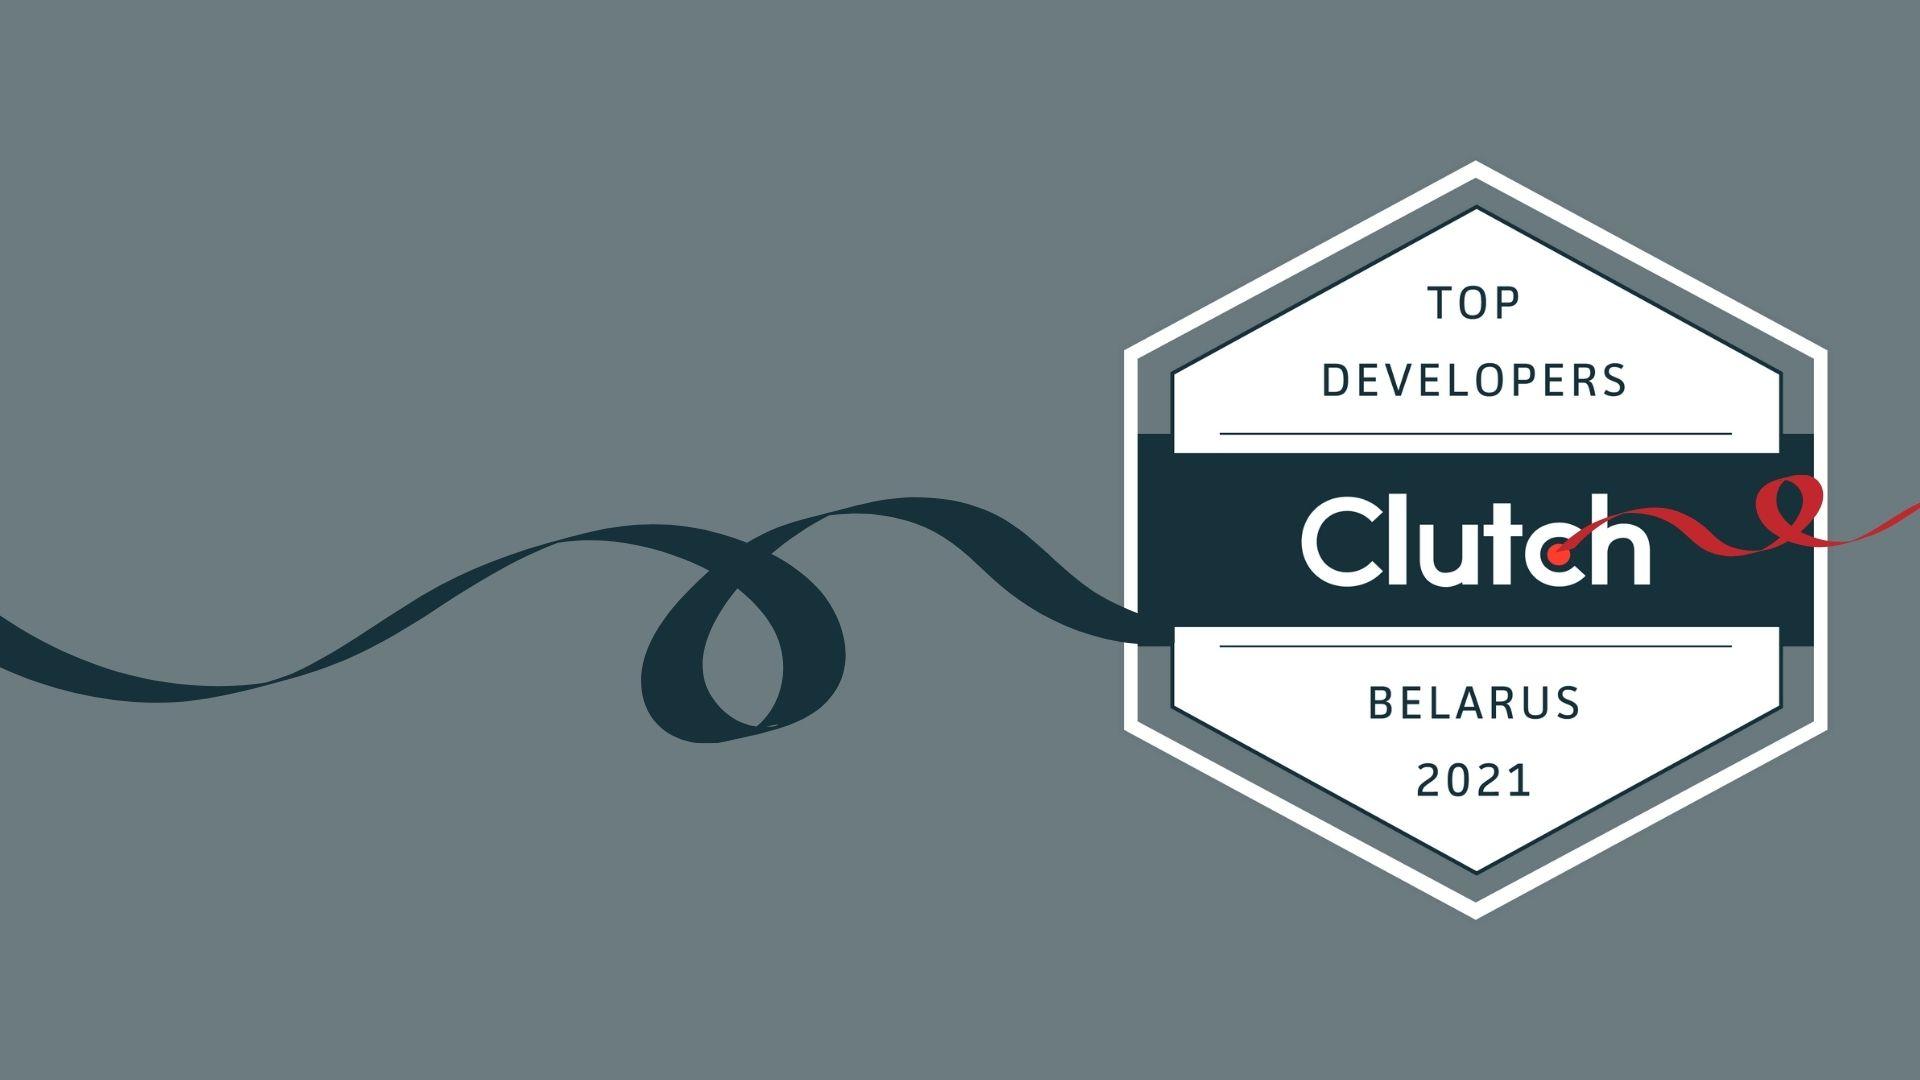 Smart IT is in Clutch Top Developers Belarus 2021